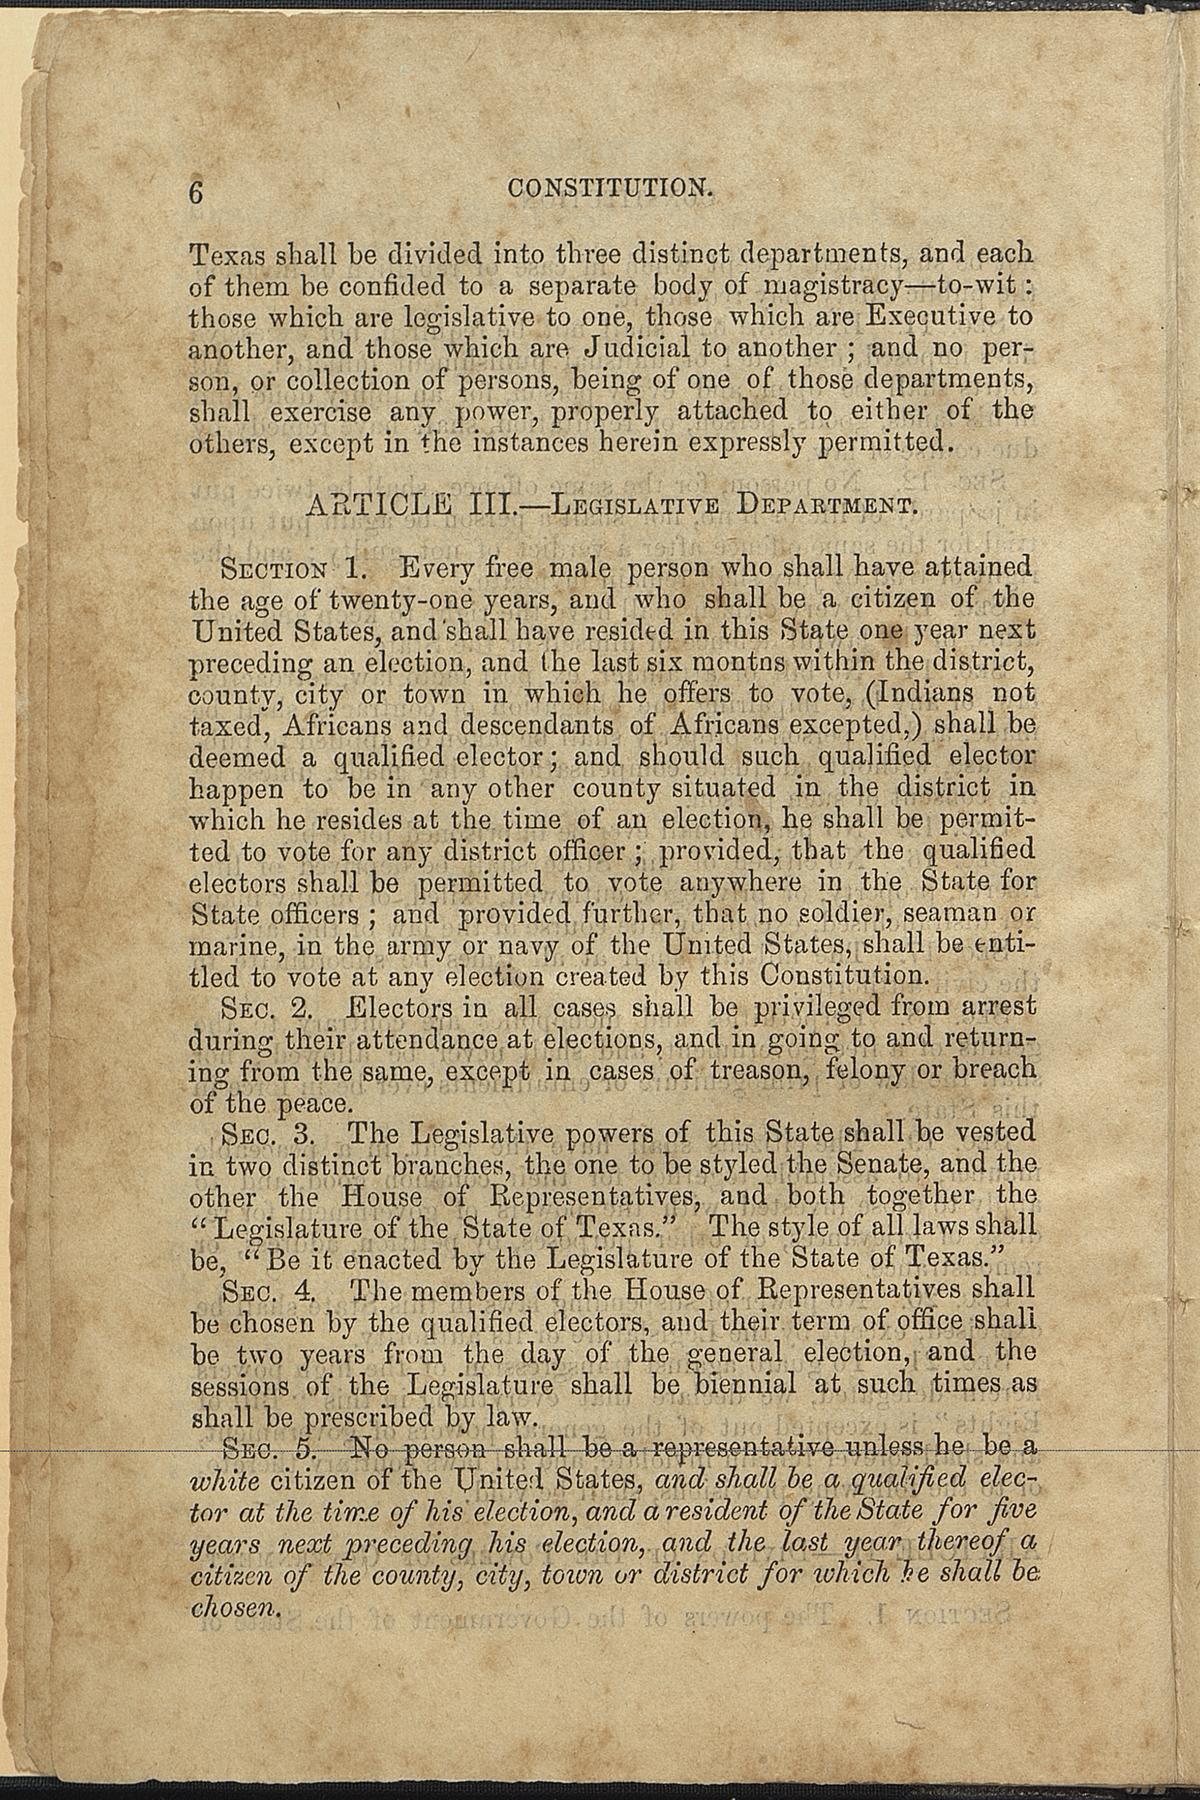 Article III, Sections 1-5